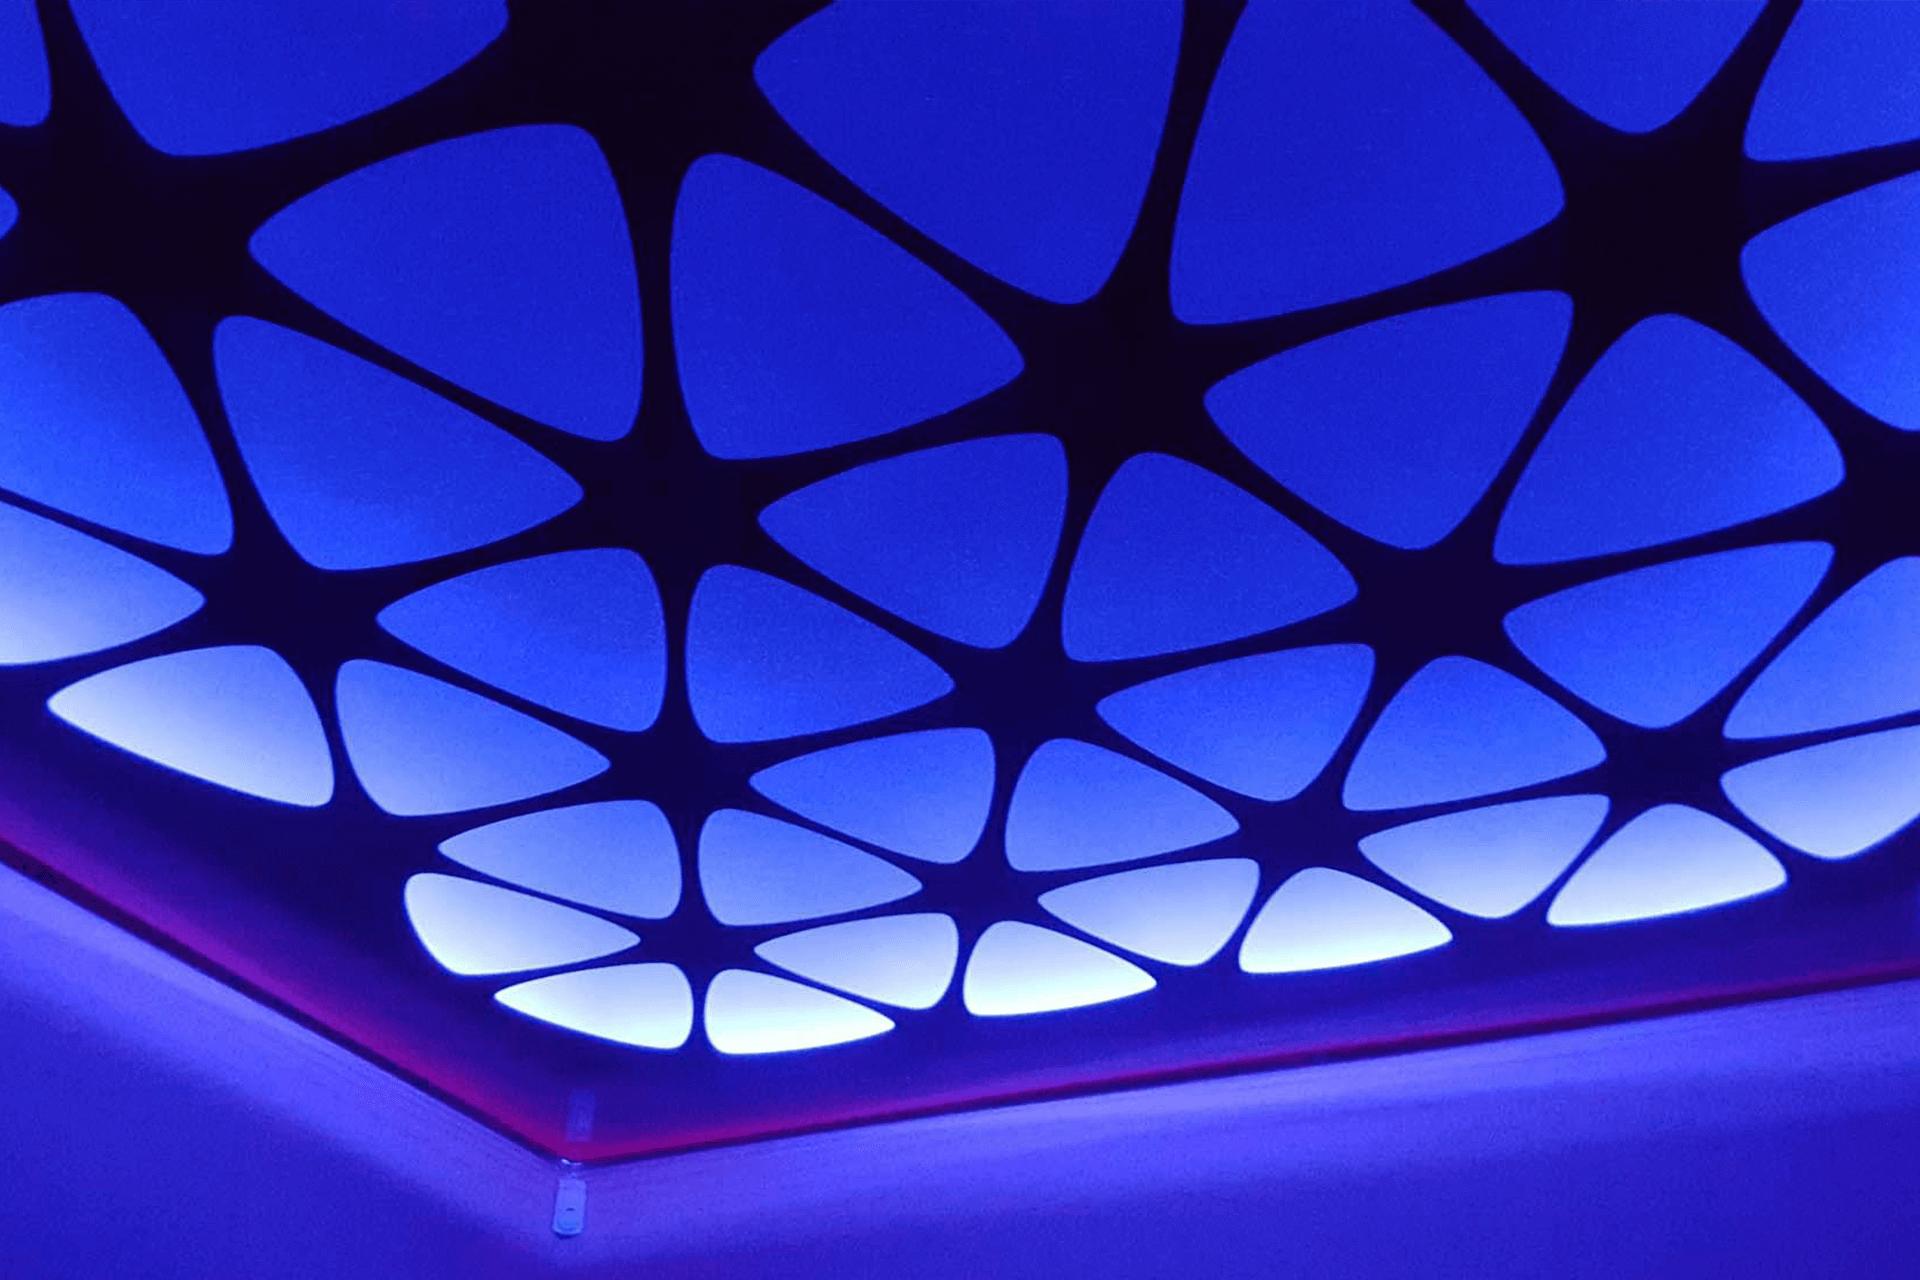 Синий резной натяжной потолок с подсветкой